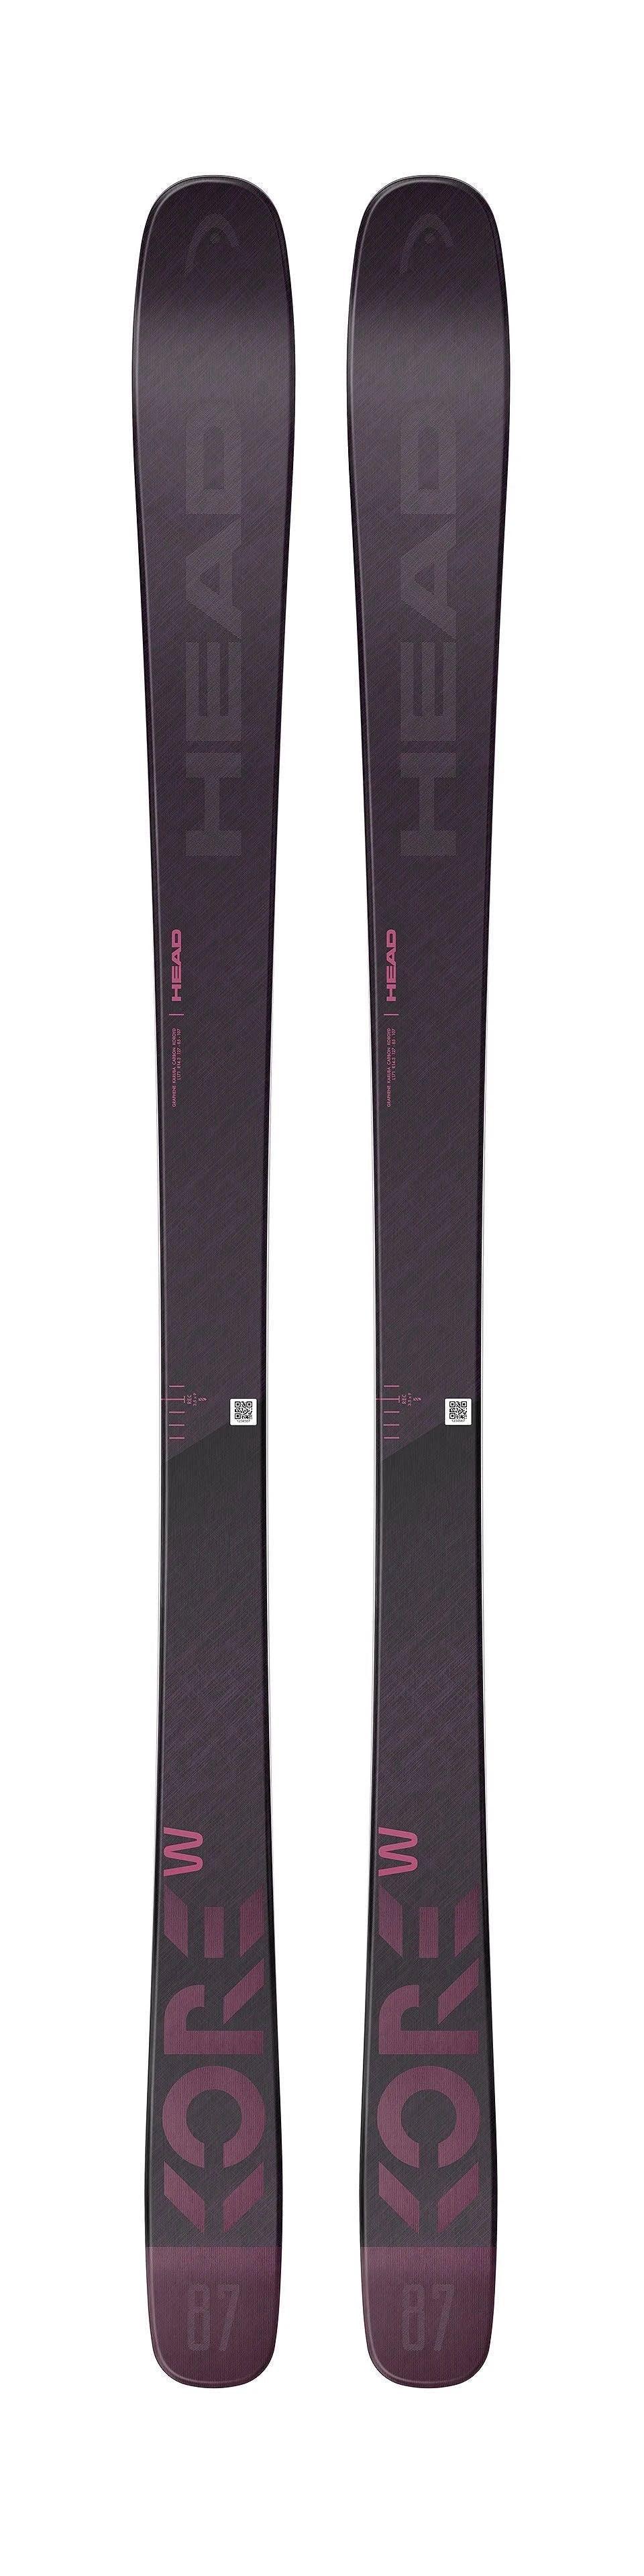 Head Kore 87 W Skis Women's · 2021